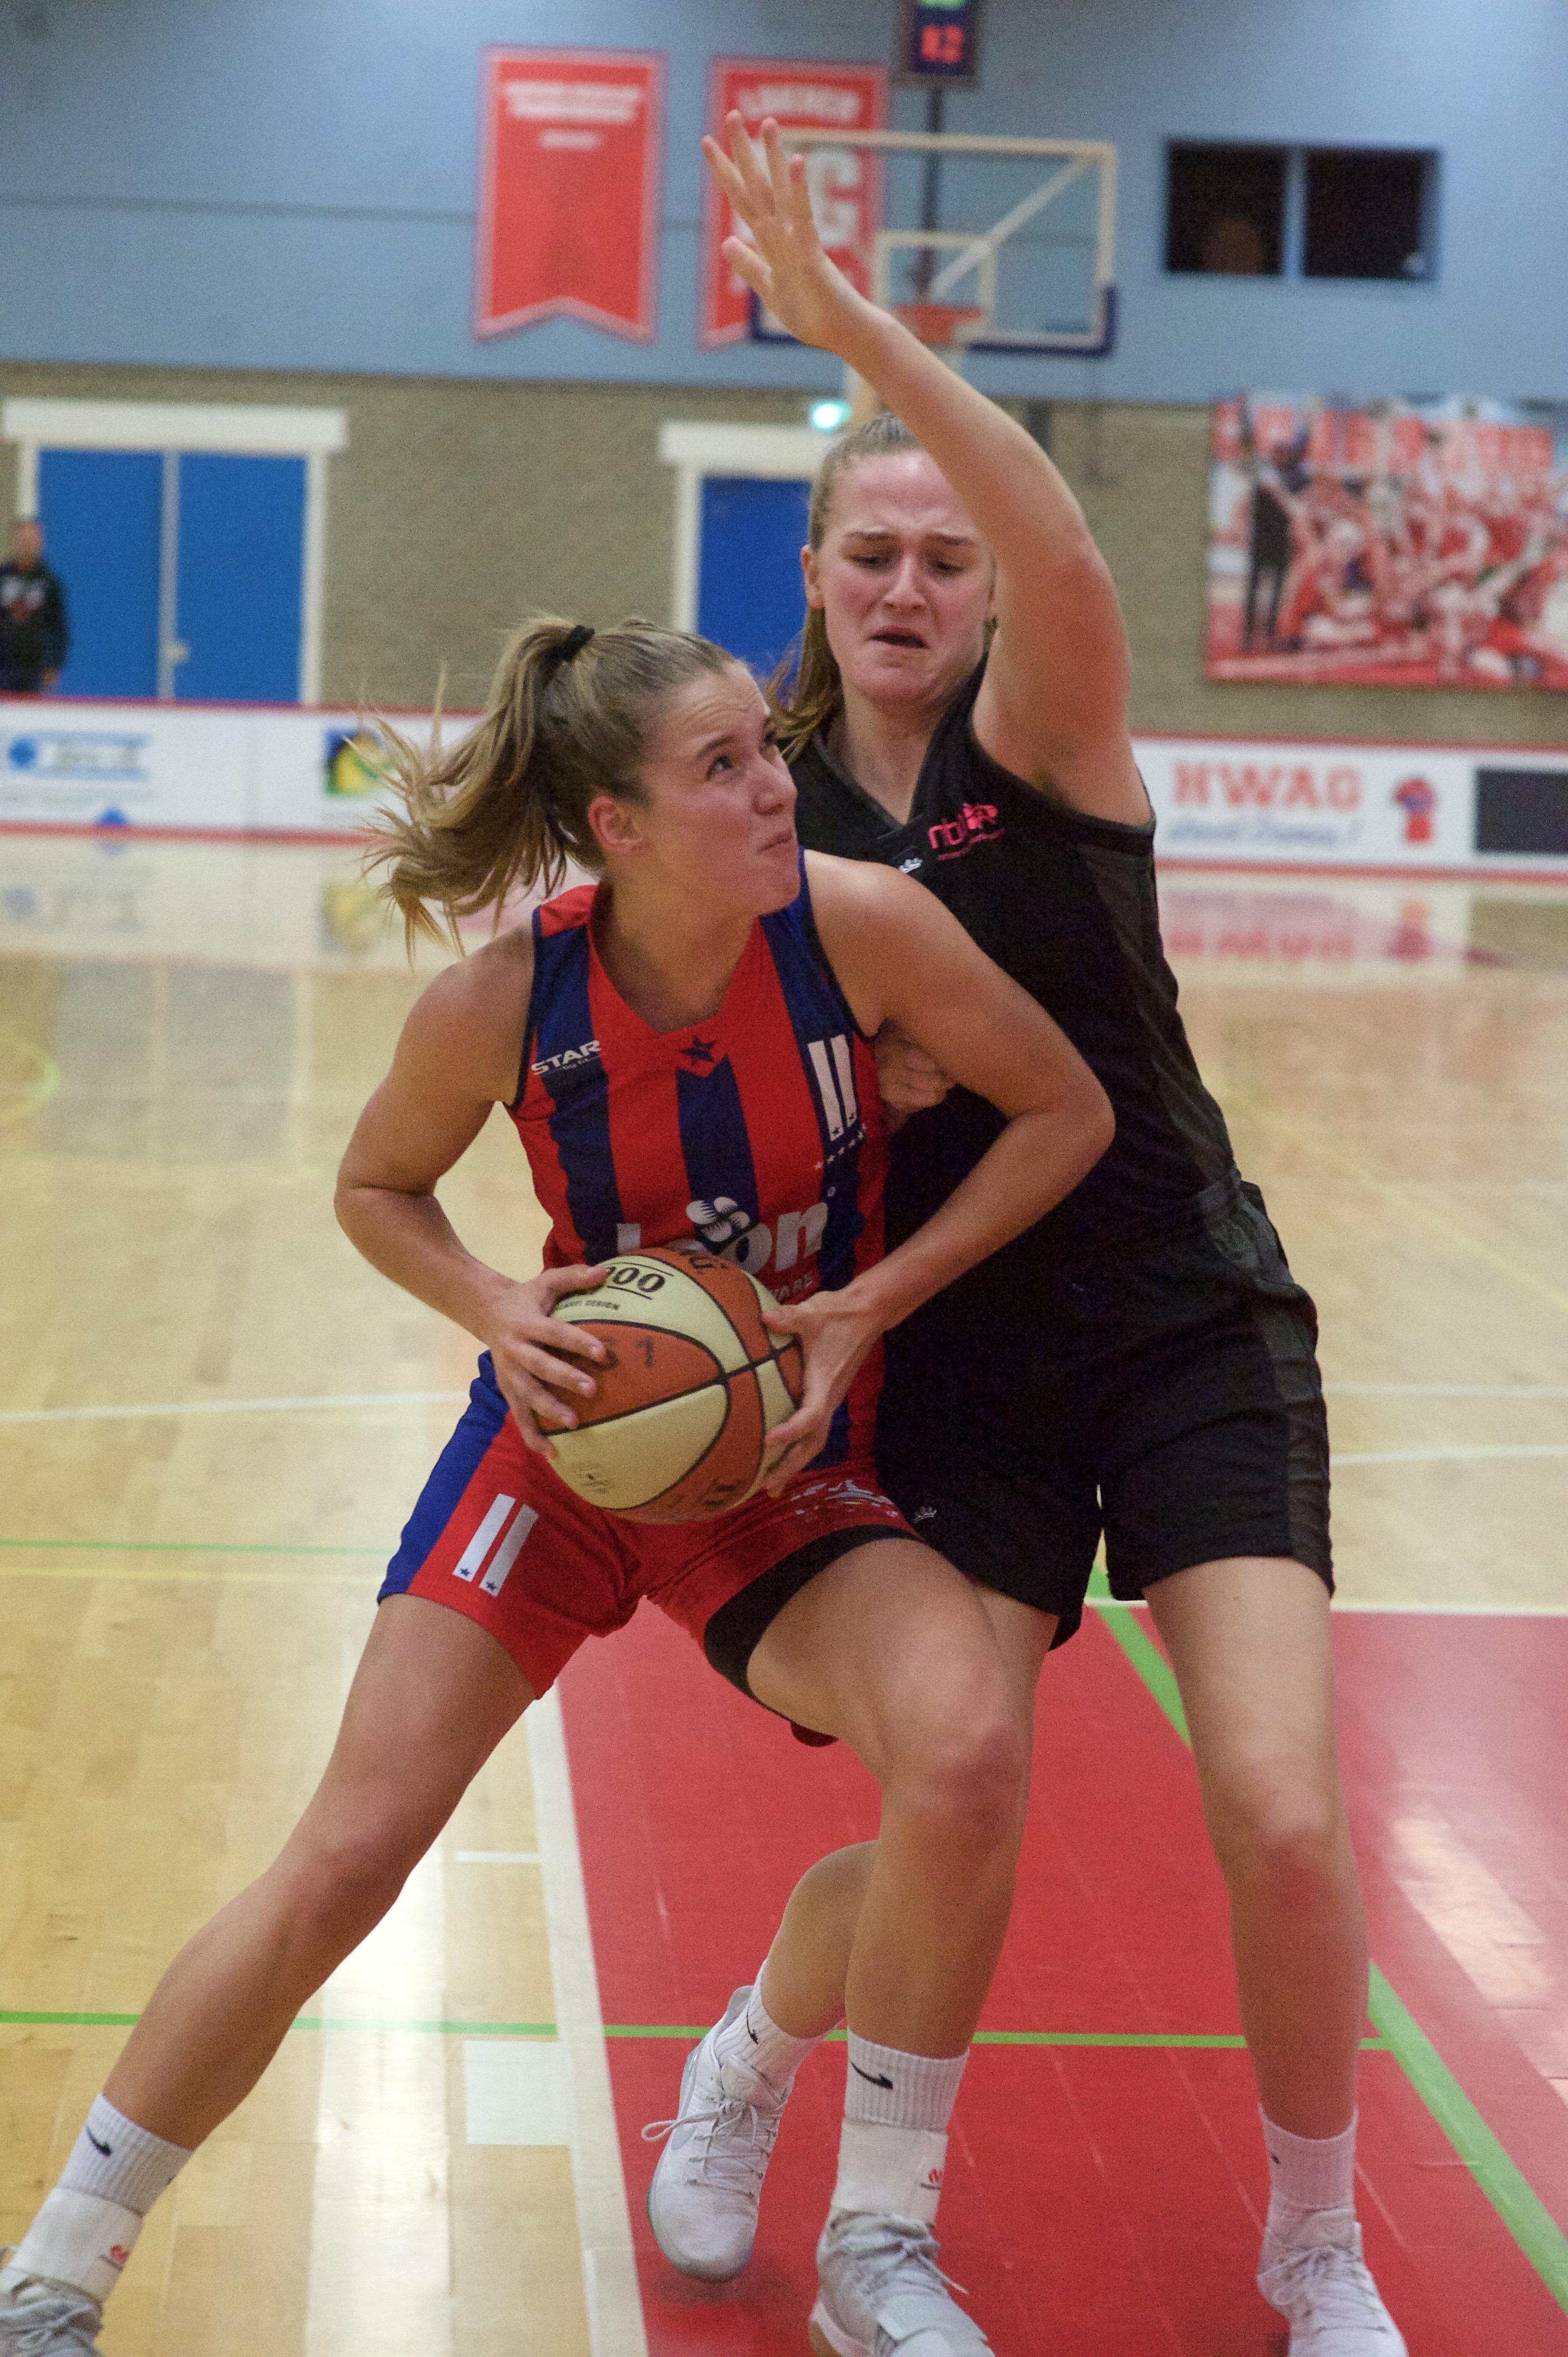 Lions-basketbalster Charlotte van Kleefwacht nog altijd op debuut als international: 'Ik zal er een stapje bij moeten zetten'